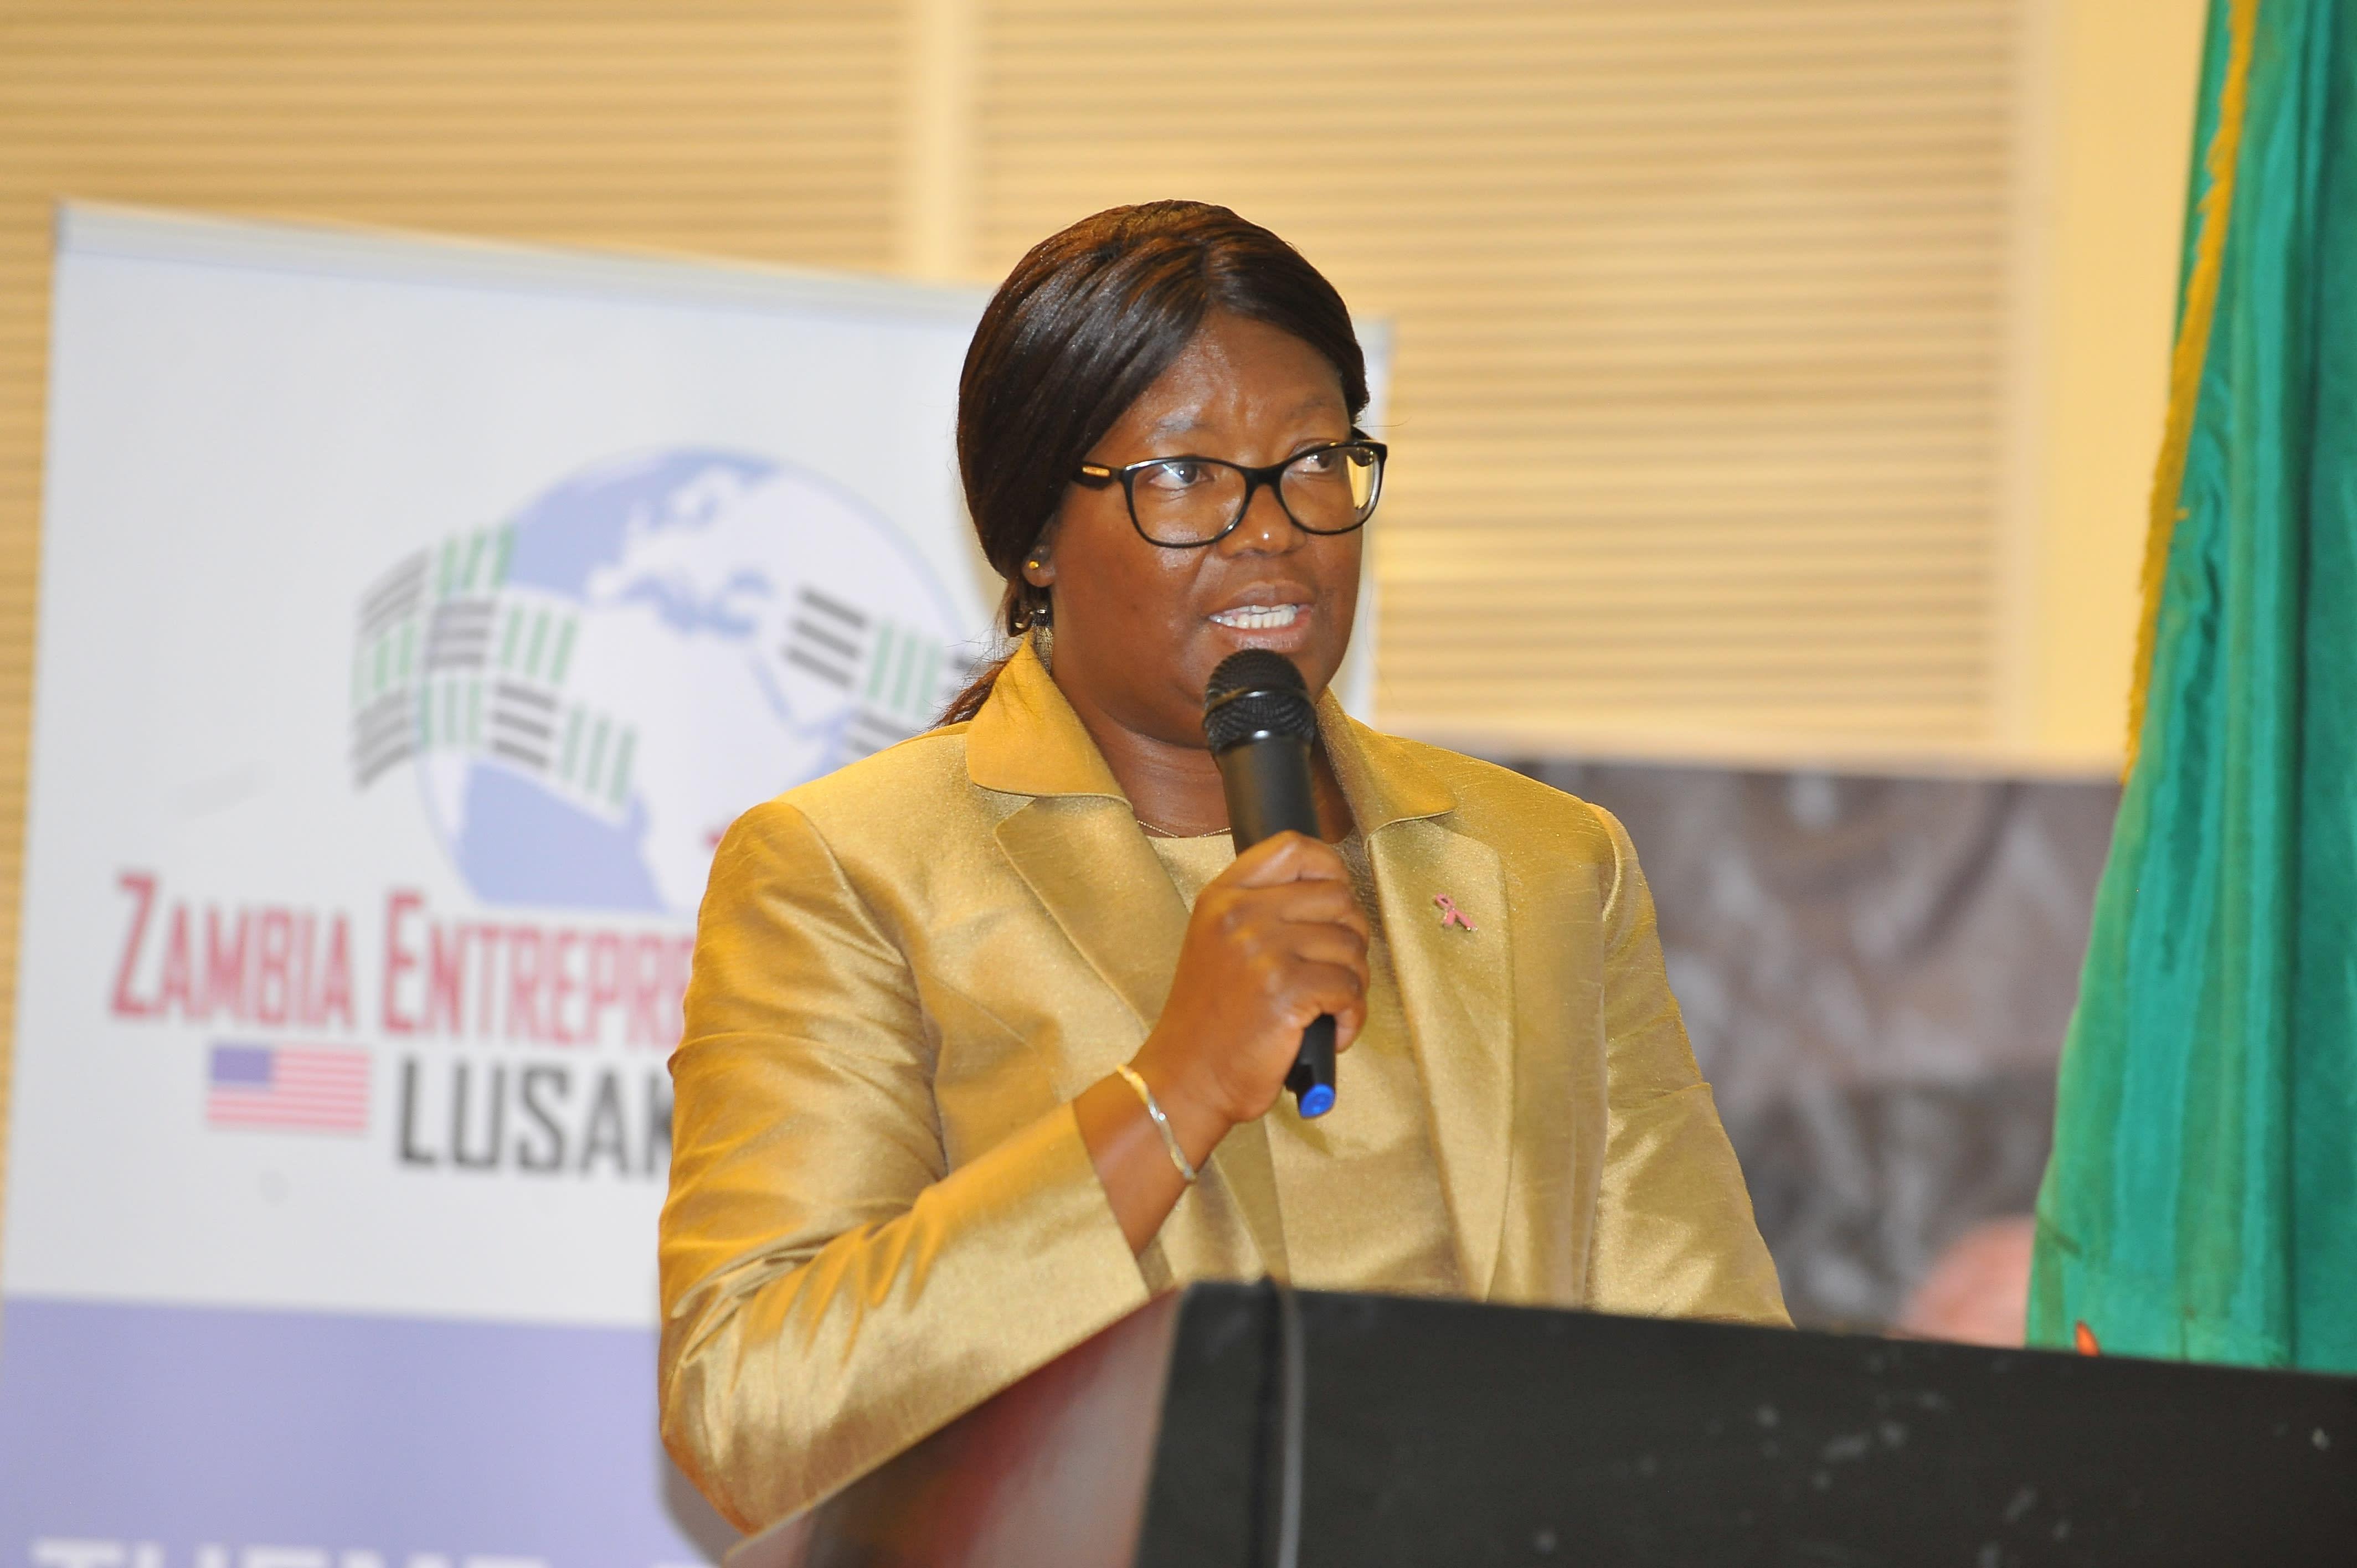 WEAC Zambia image